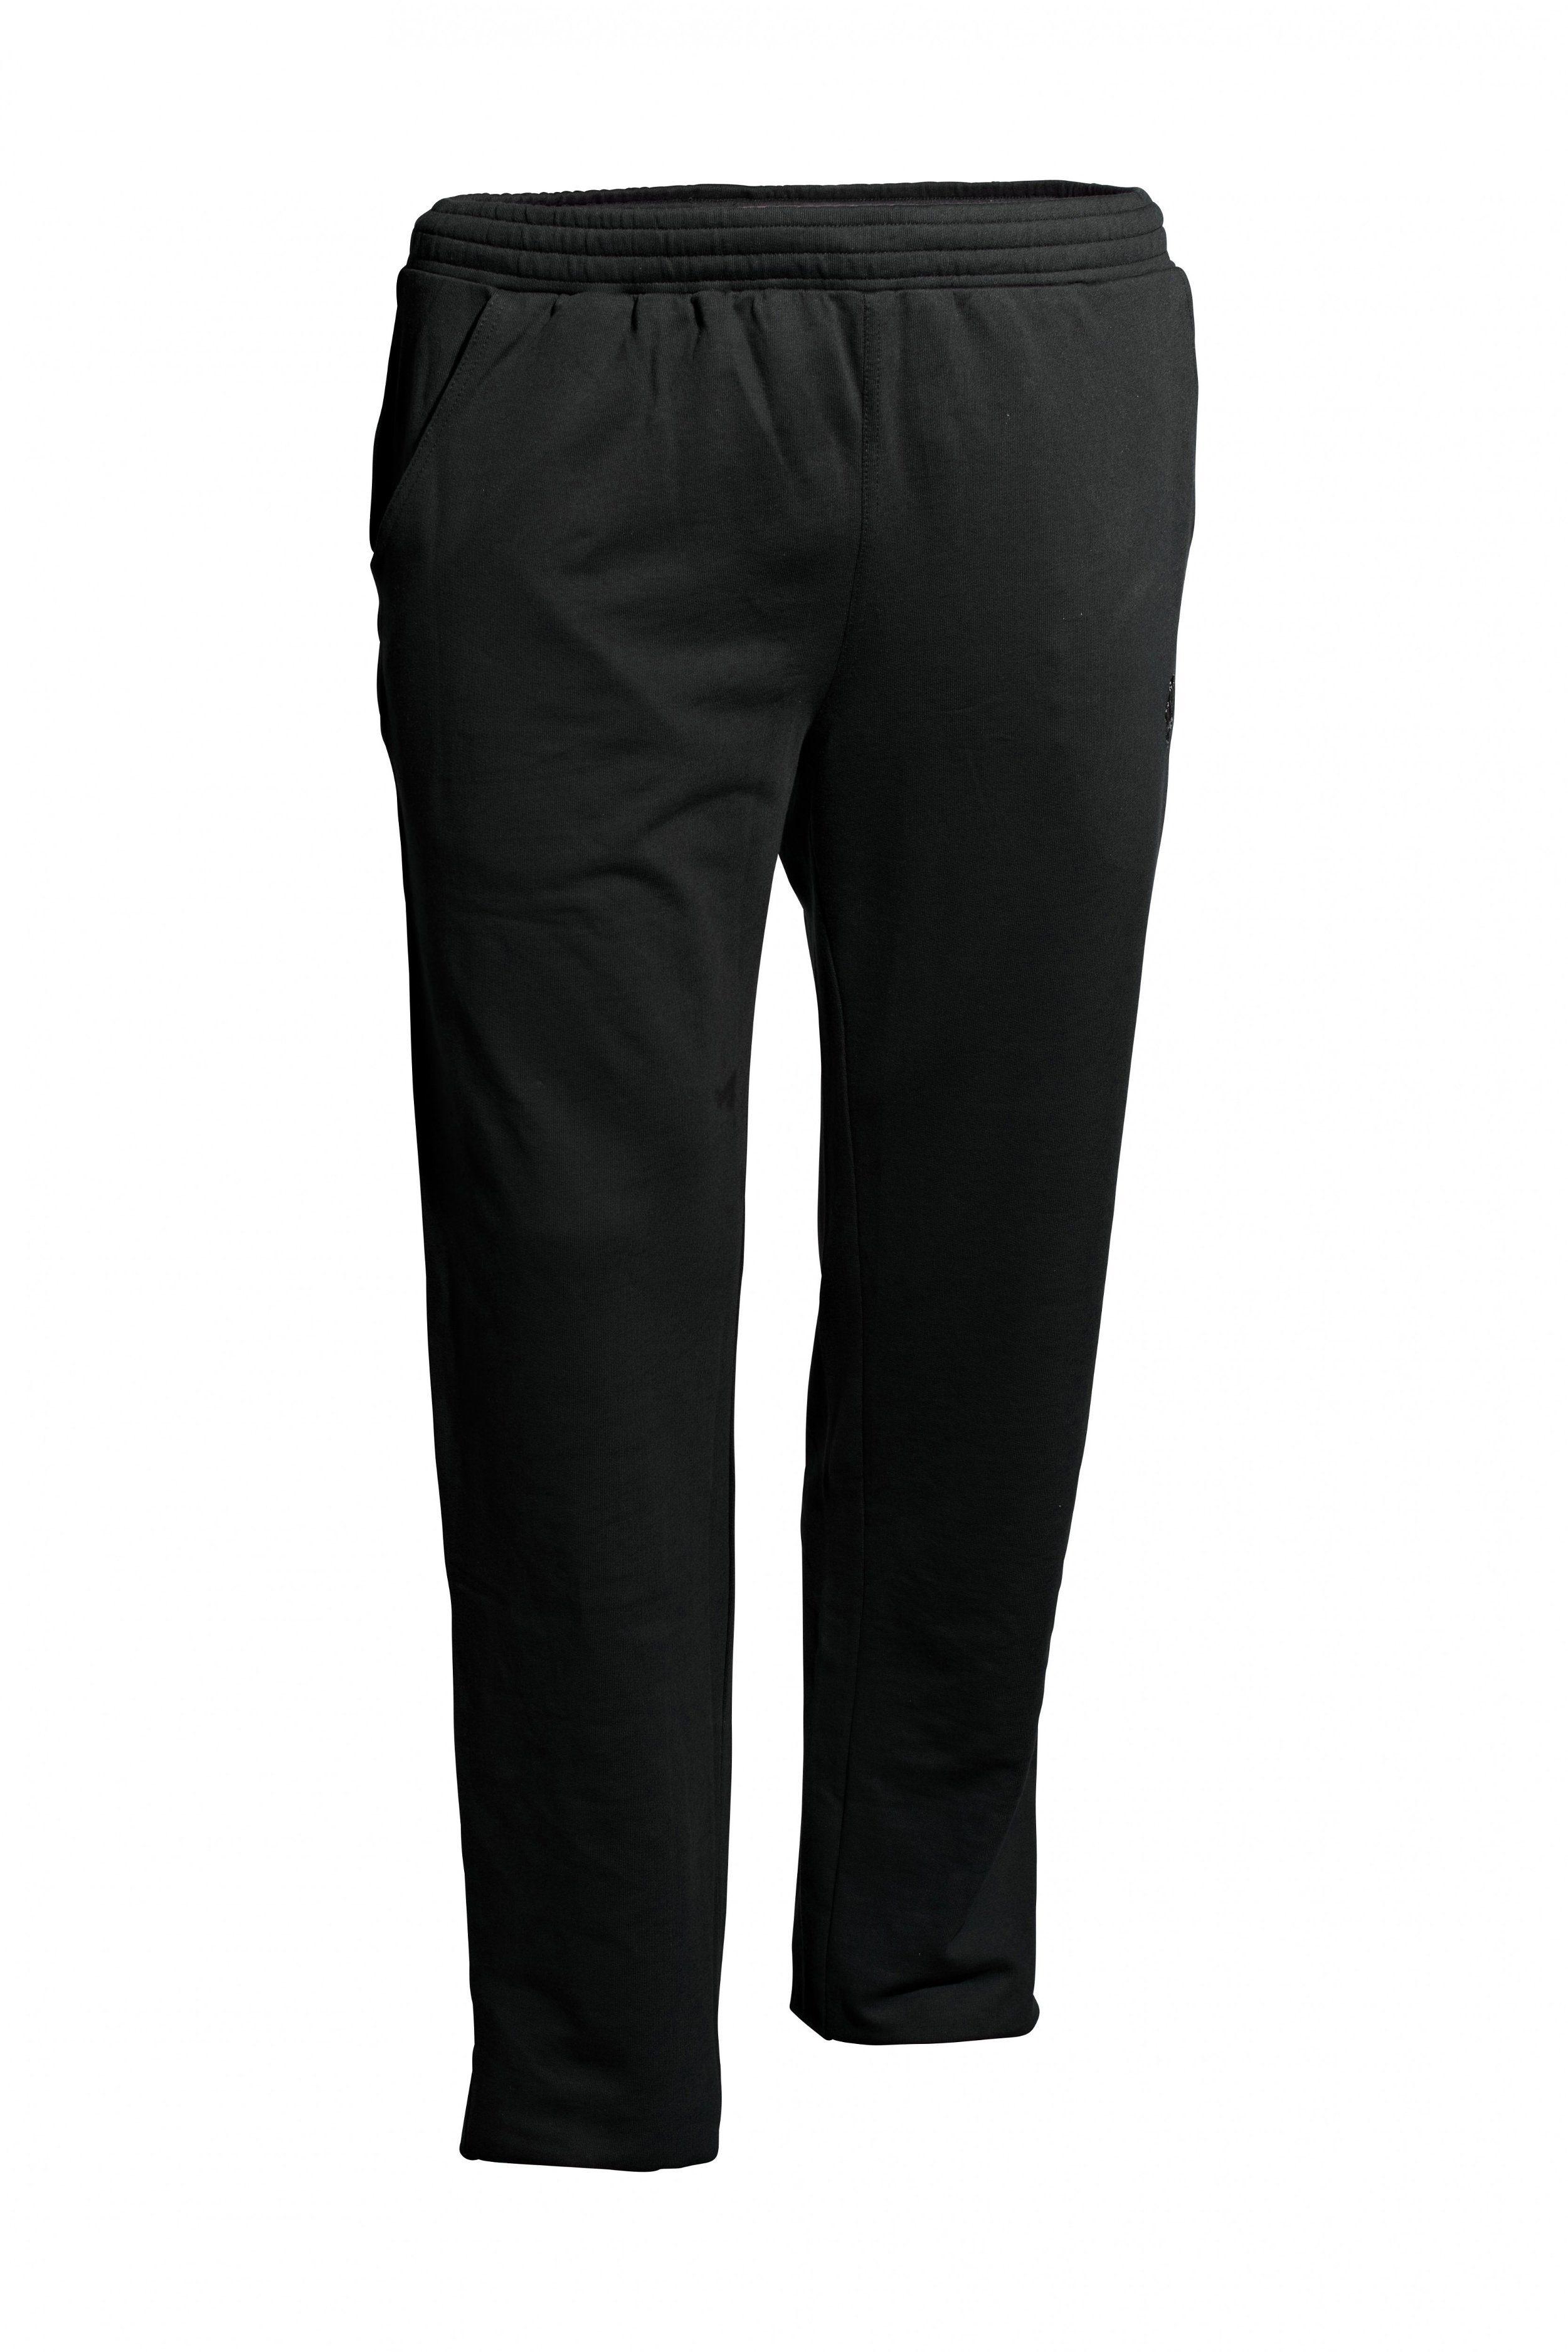 AHORN SPORTSWEAR Sweatpants in sportlichem Look   Bekleidung > Hosen > Sweathosen   Schwarz   Polyester   Ahorn Sportswear